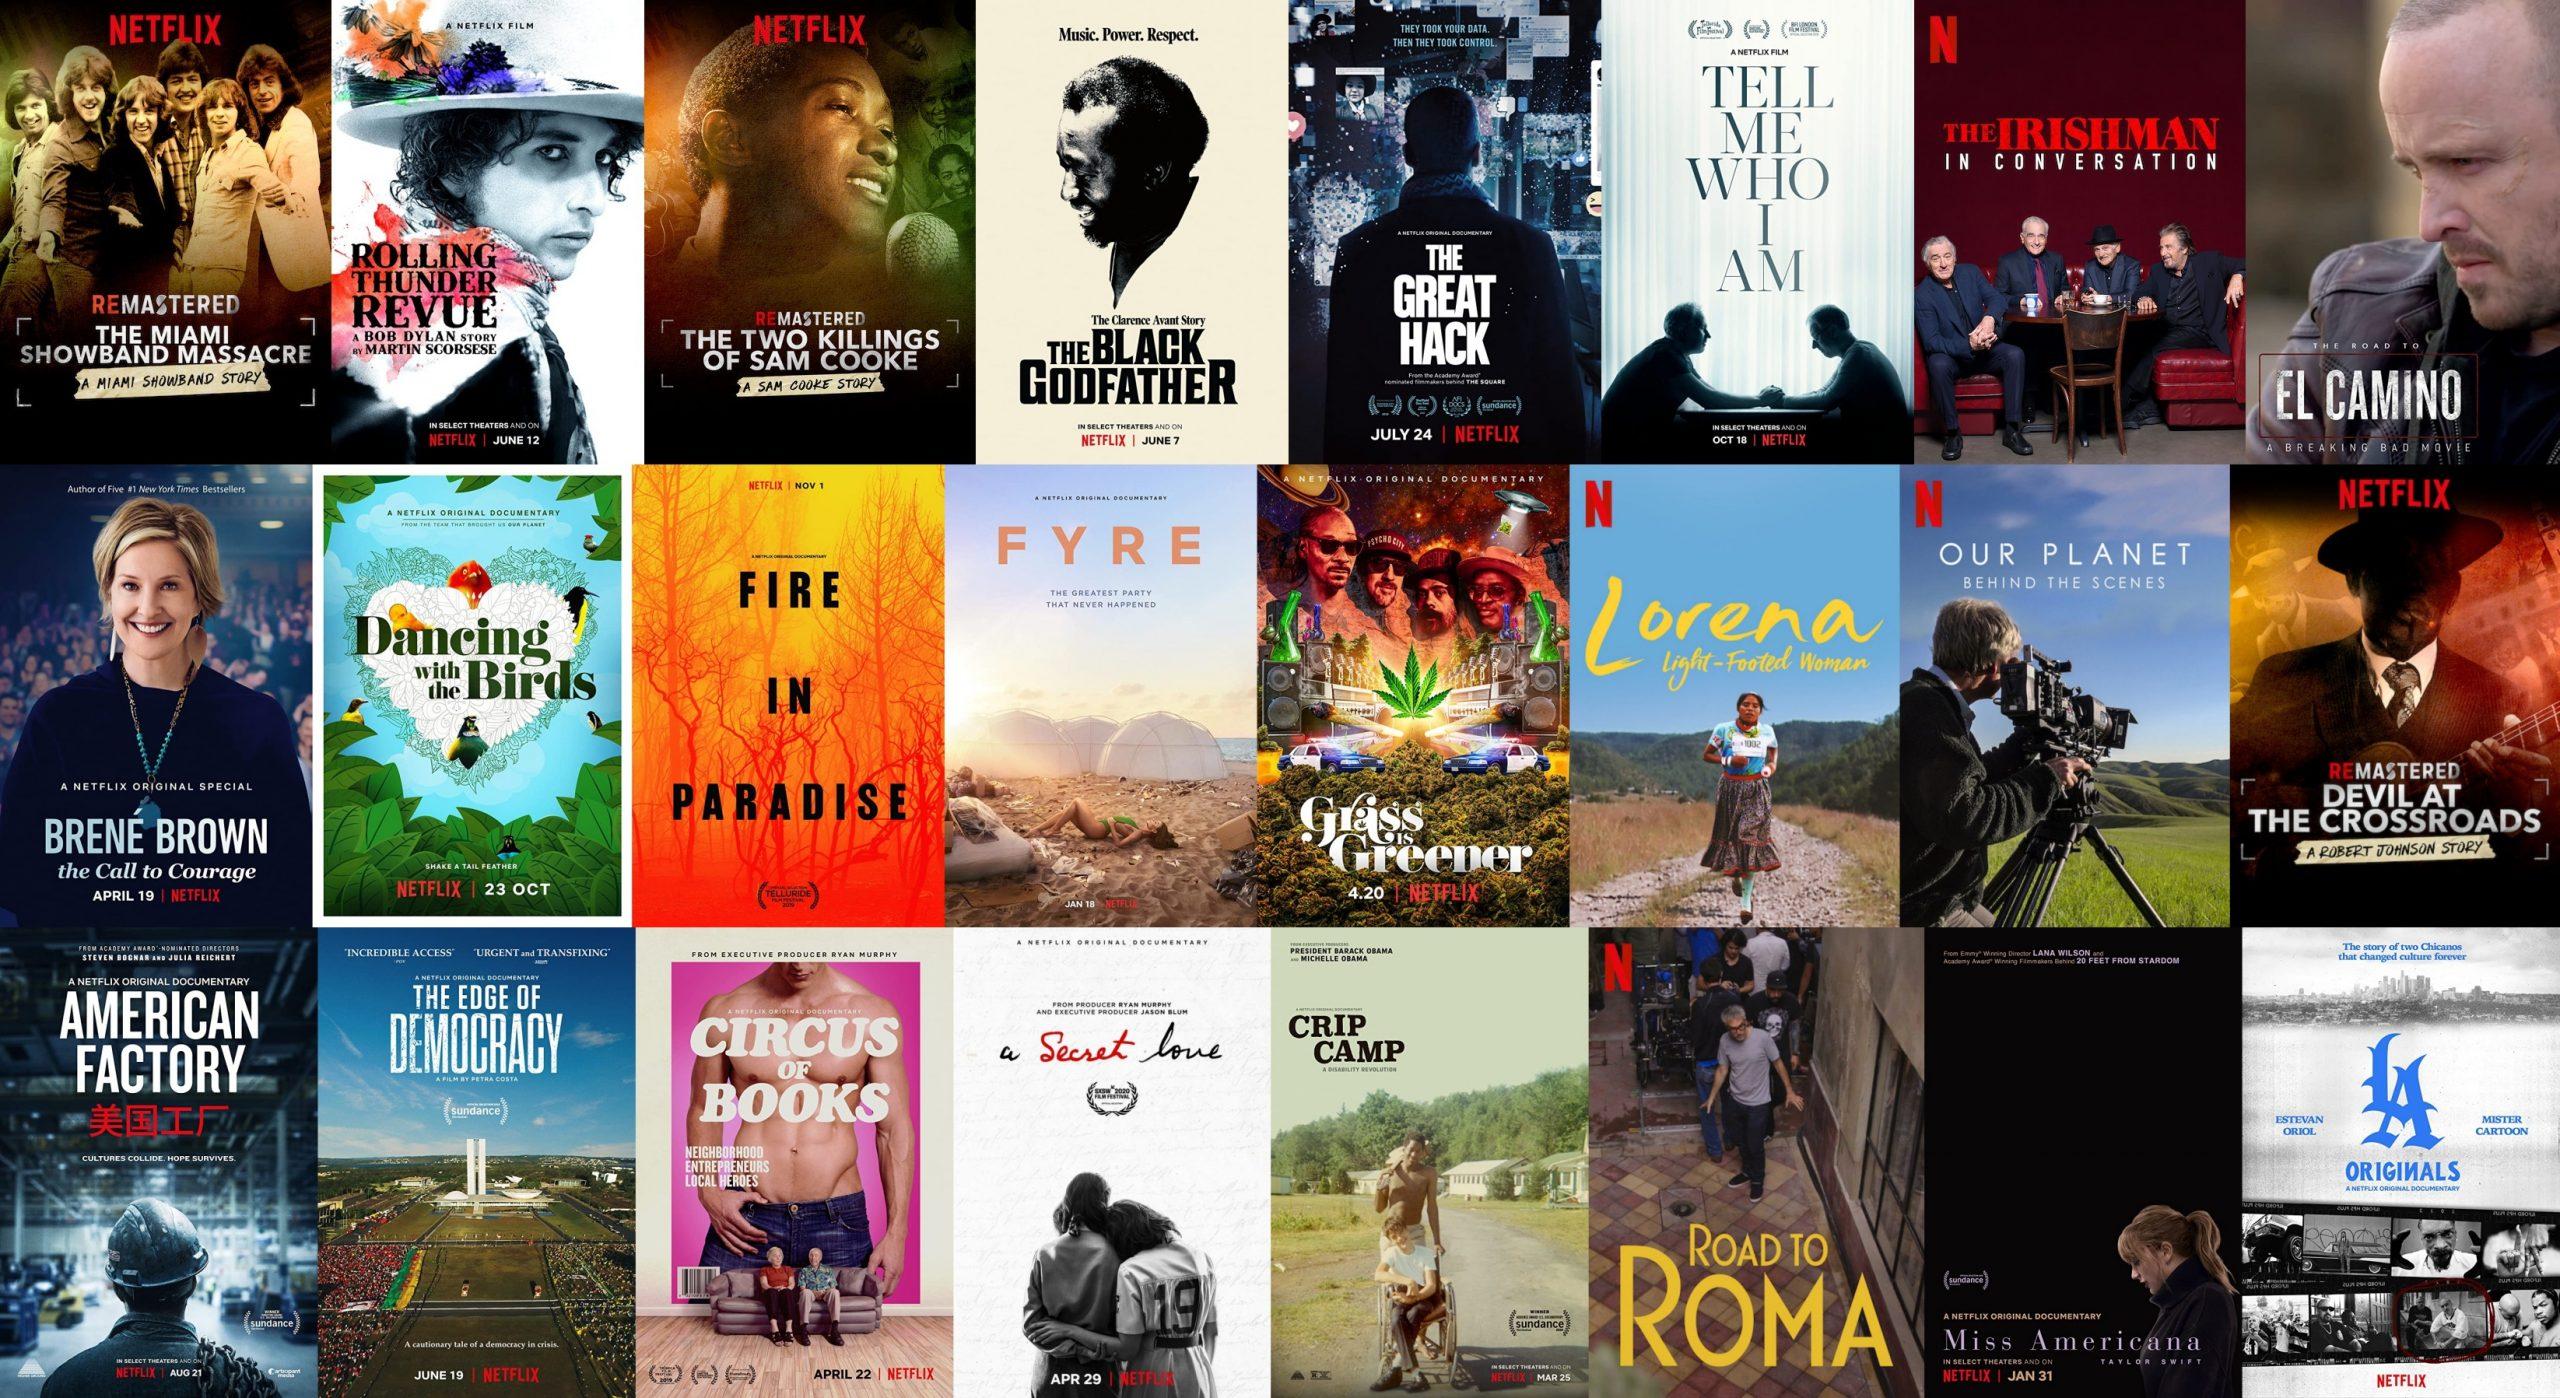 IMDbでの点数が7点以上のNetflixオリジナル映画(2019年〜2020年のドキュメンタリー編)